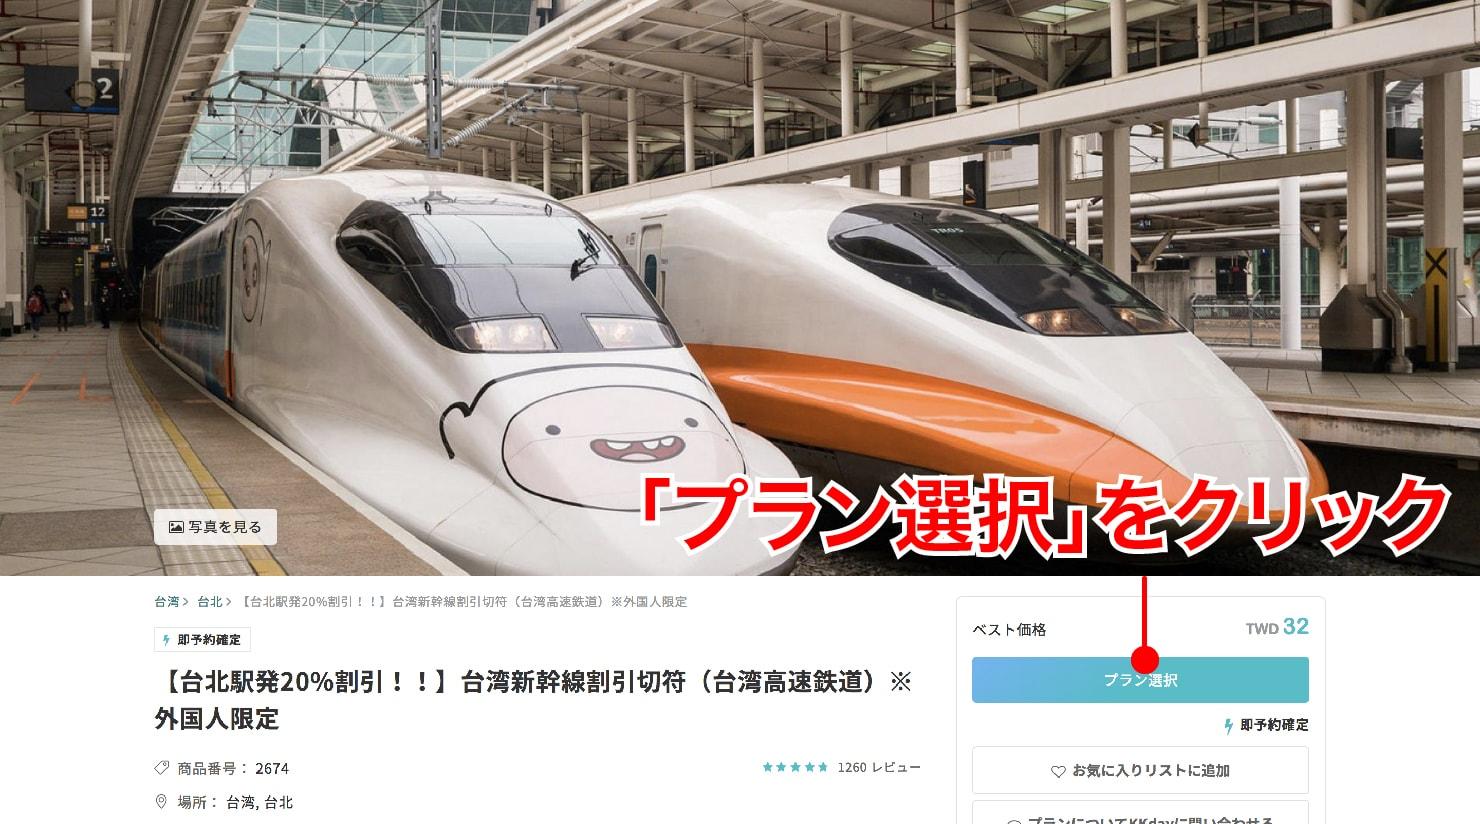 KKday台湾新幹線(高鐵)の外国人限定20%offチケット予約画面_2